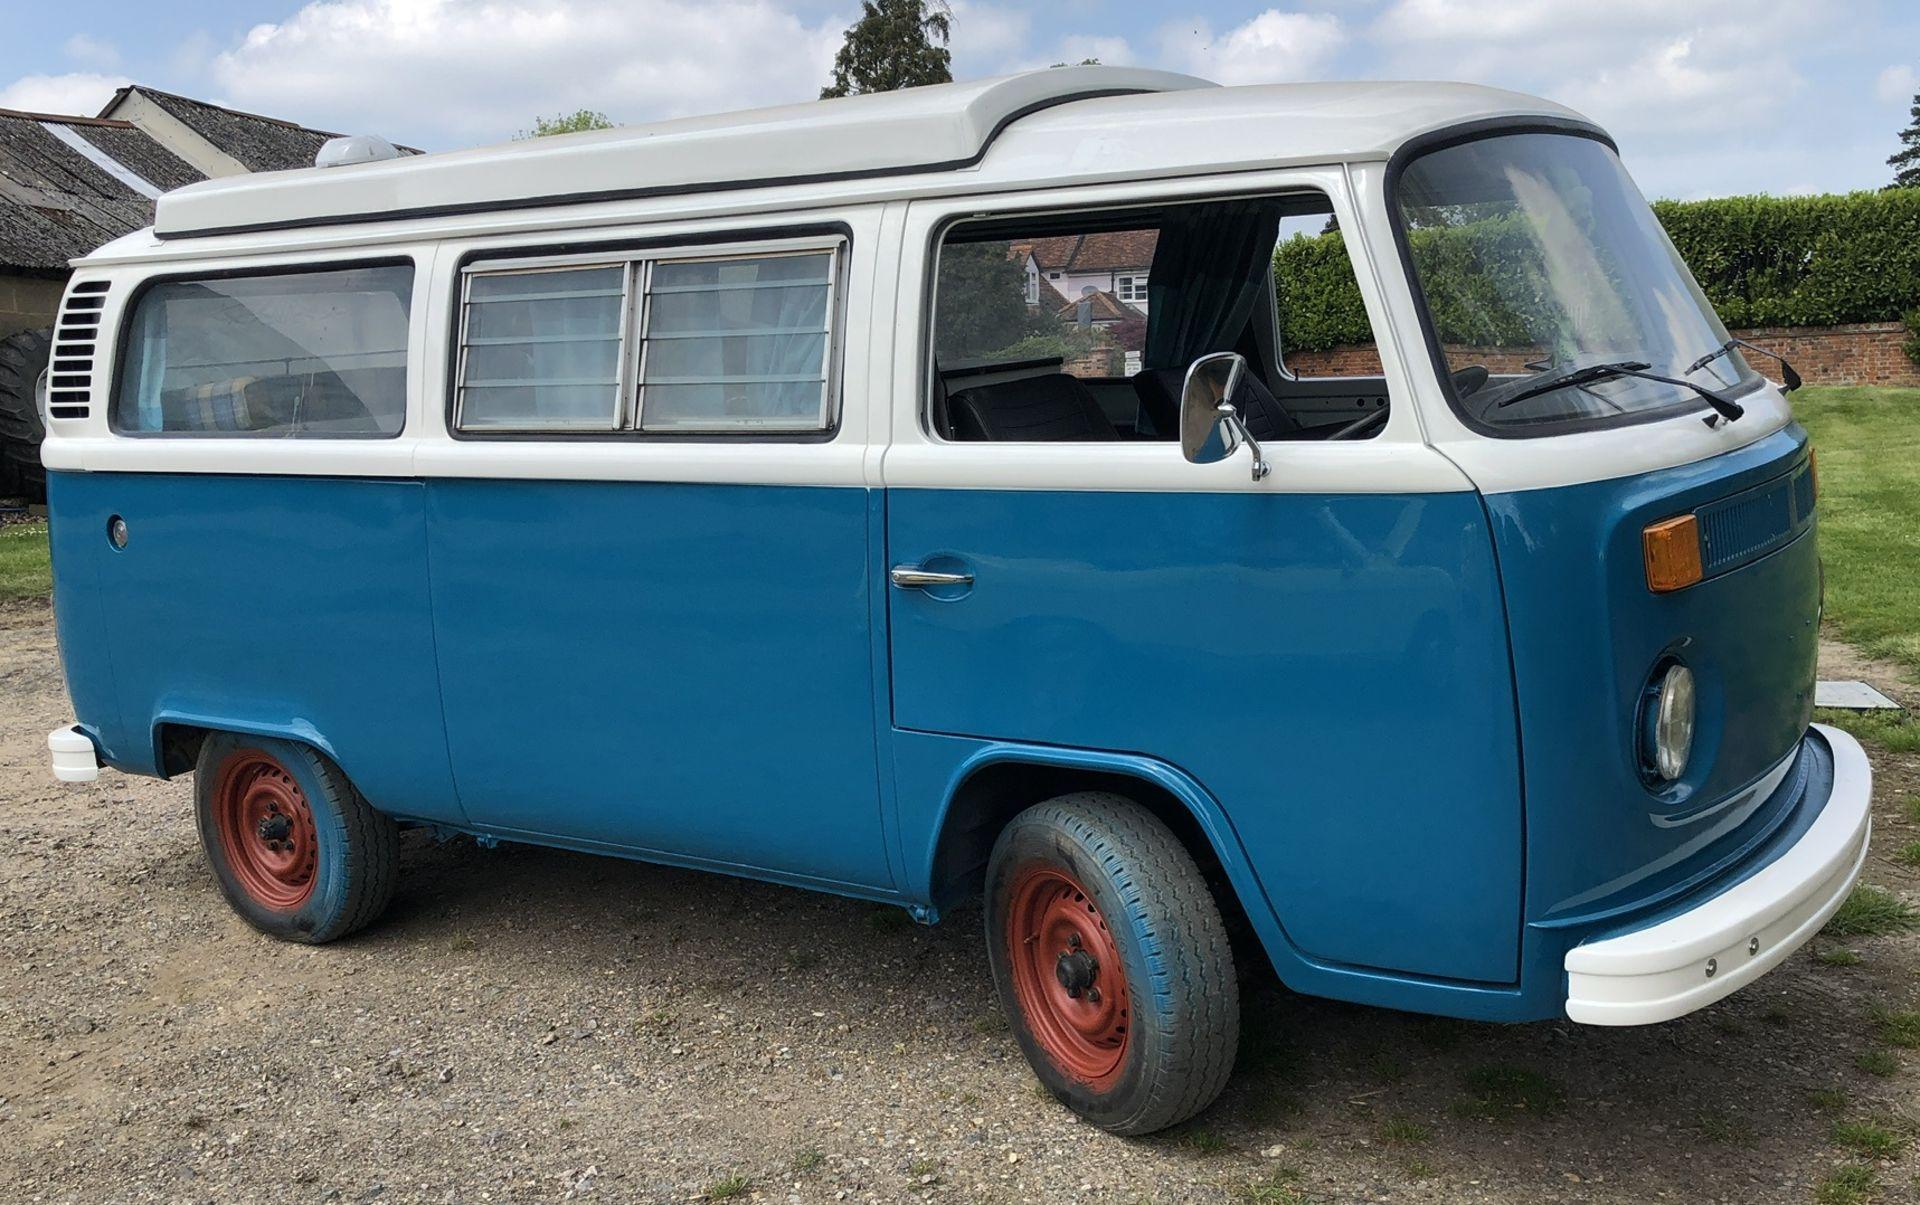 VW Microbus 8 Seater Caravanette Devon - 'Mr Blue' Petrol, Registration UMH 420S, First Registered - Image 16 of 47